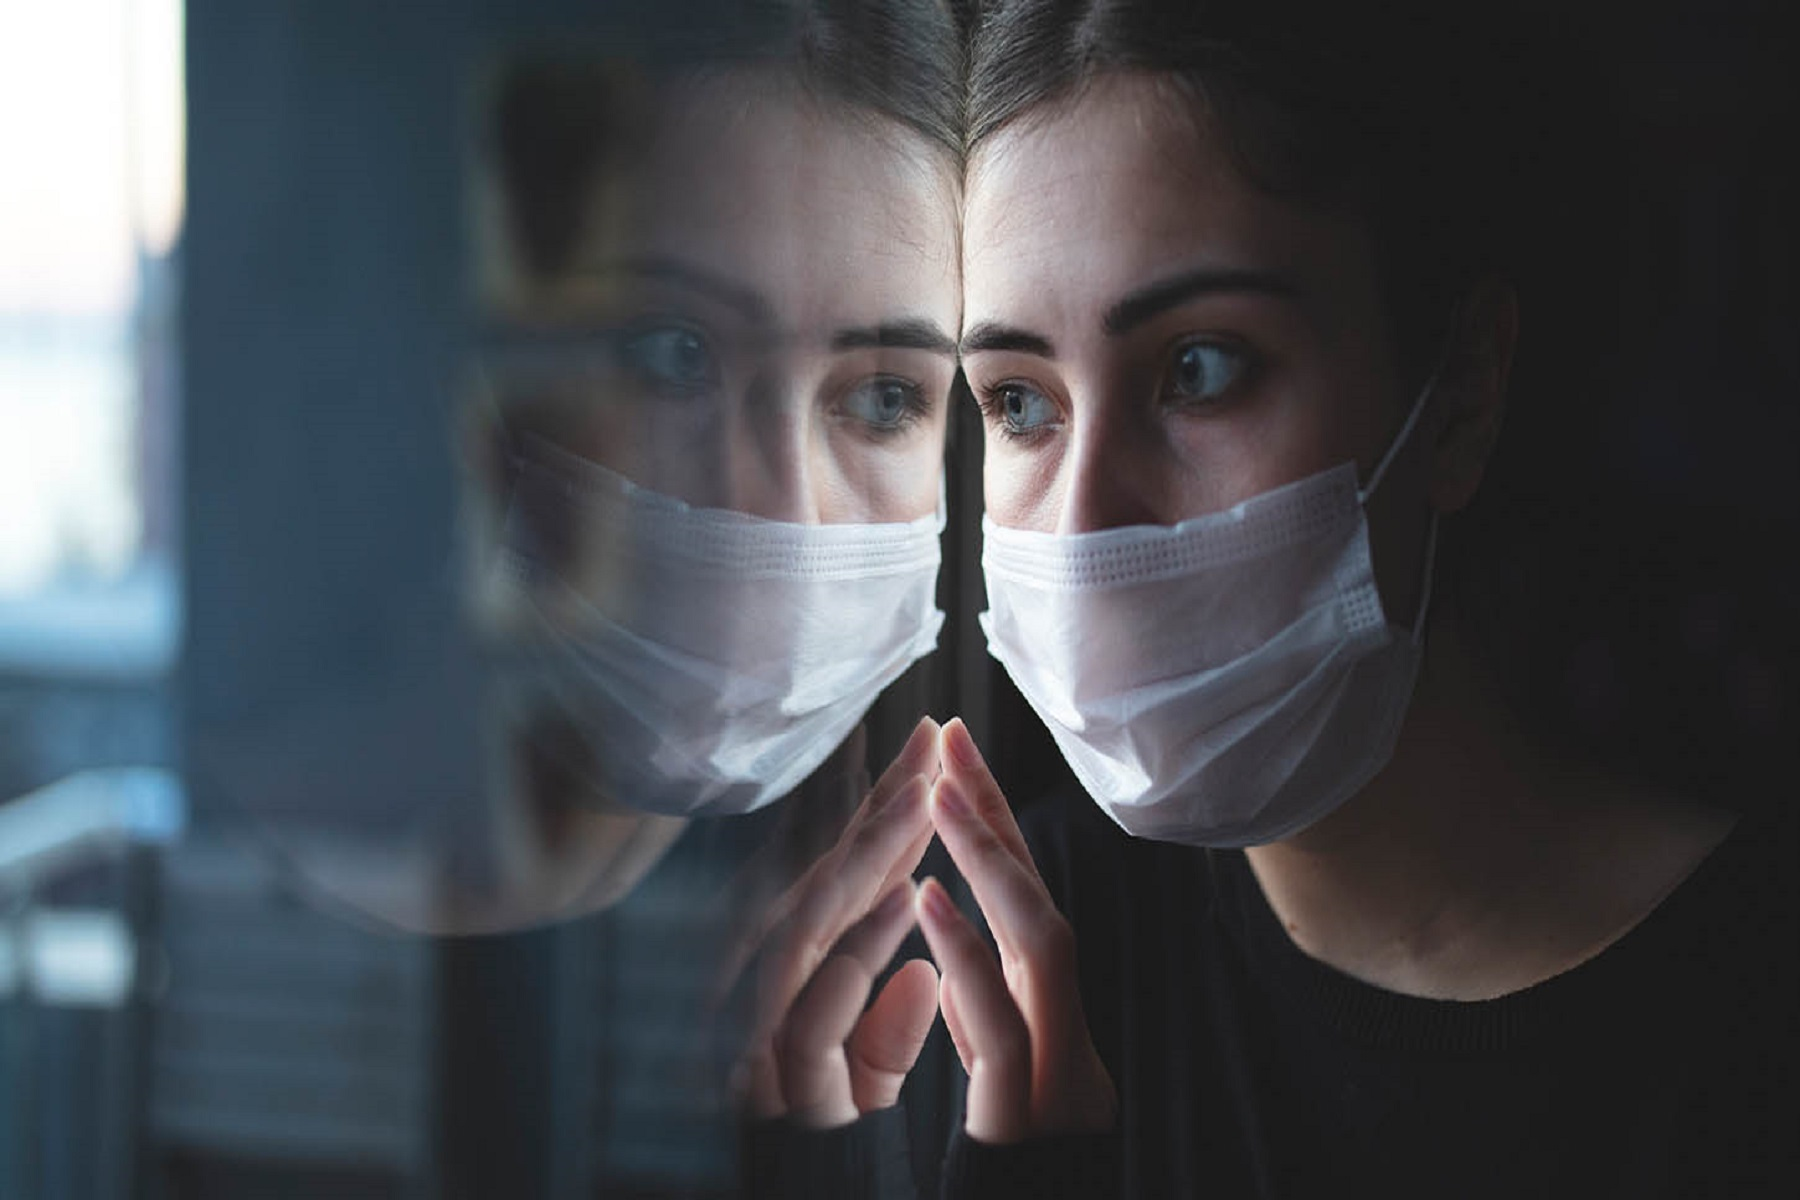 Πανδημία Μοναξιά: Όταν είσαι μέσα στο κύμα, δεν ξέρεις πόση ζημιά θα κάνει όταν σκάσει στην αμμουδιά